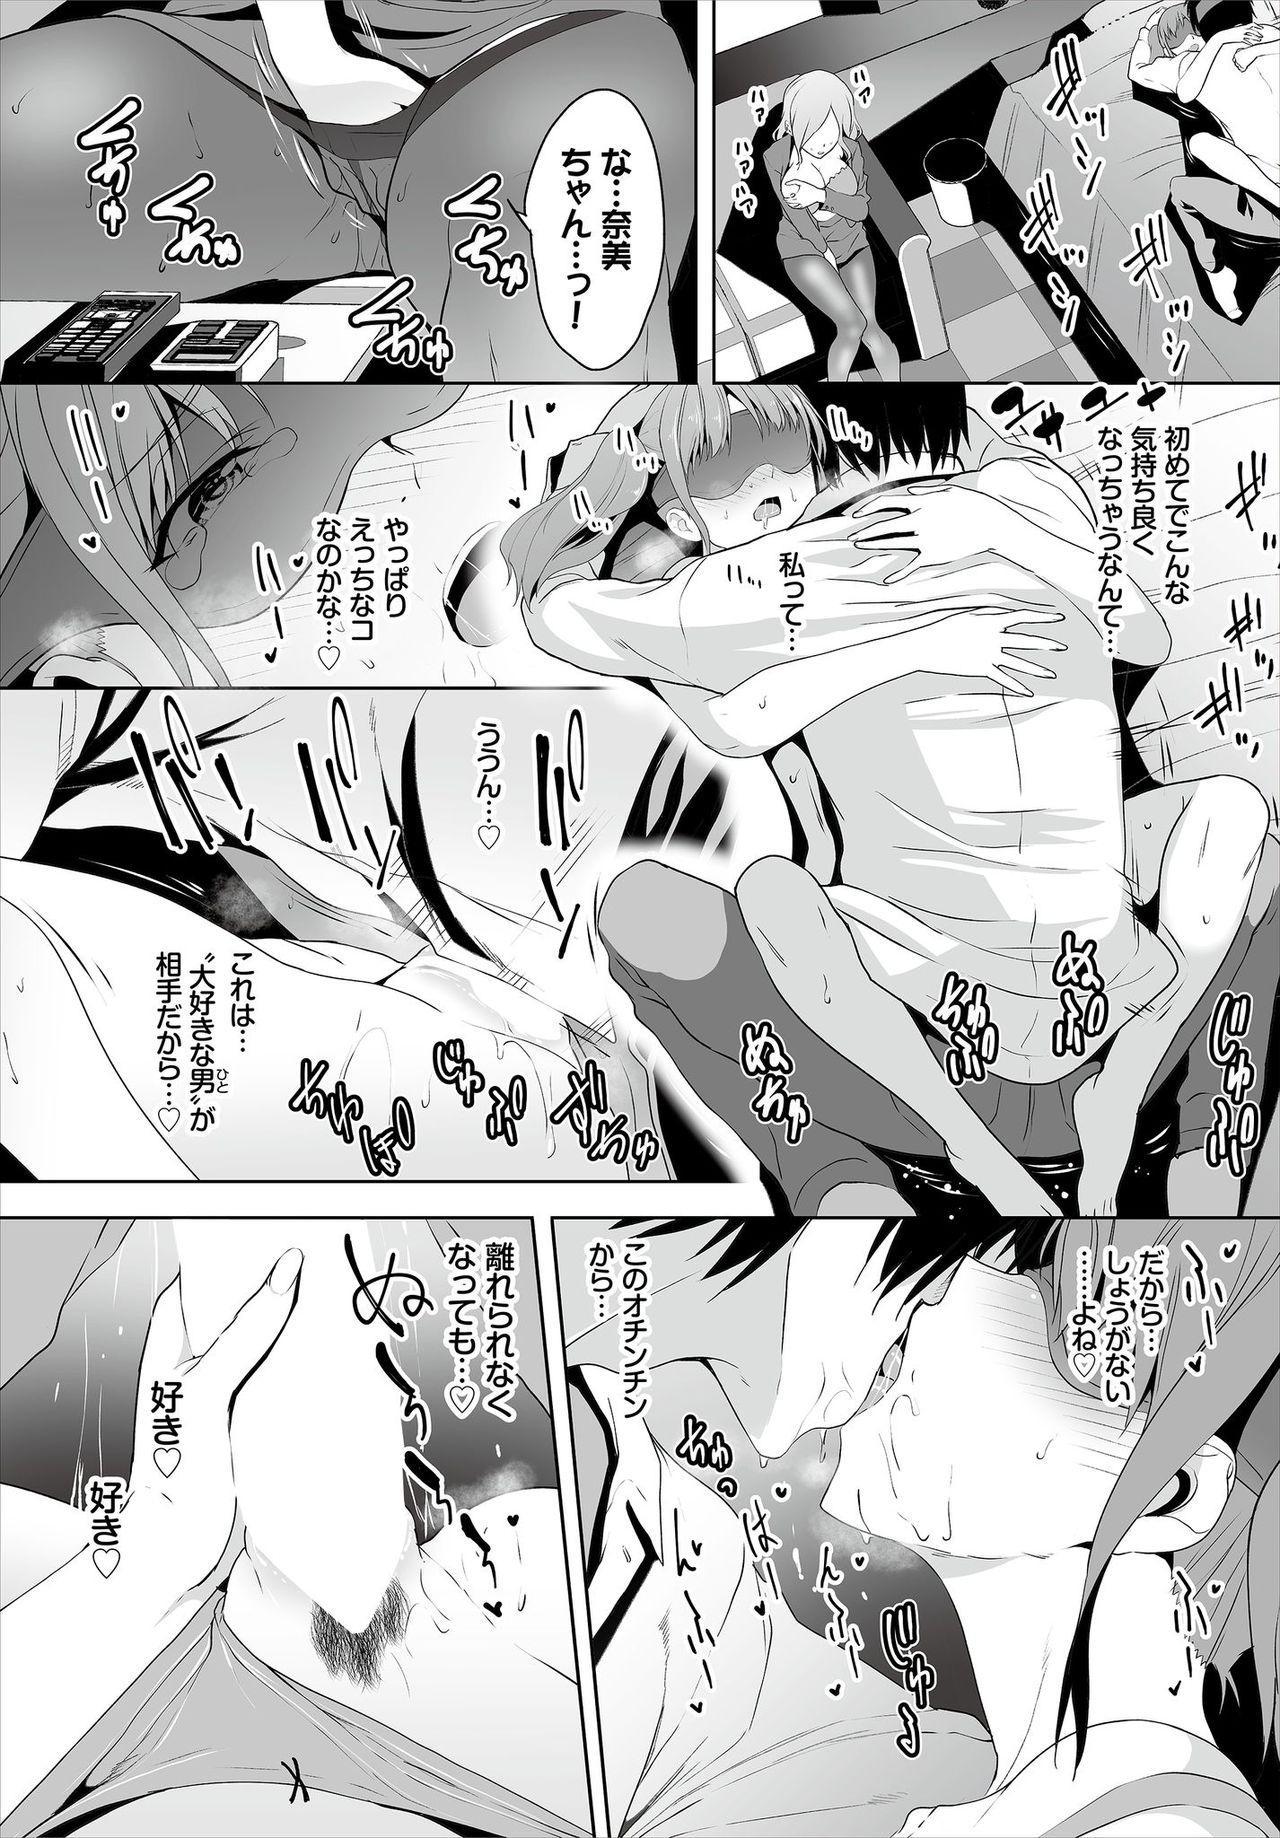 Zessan Haishinchuu Gibo Nikubenki Keikaku! Ch. 6-9 18